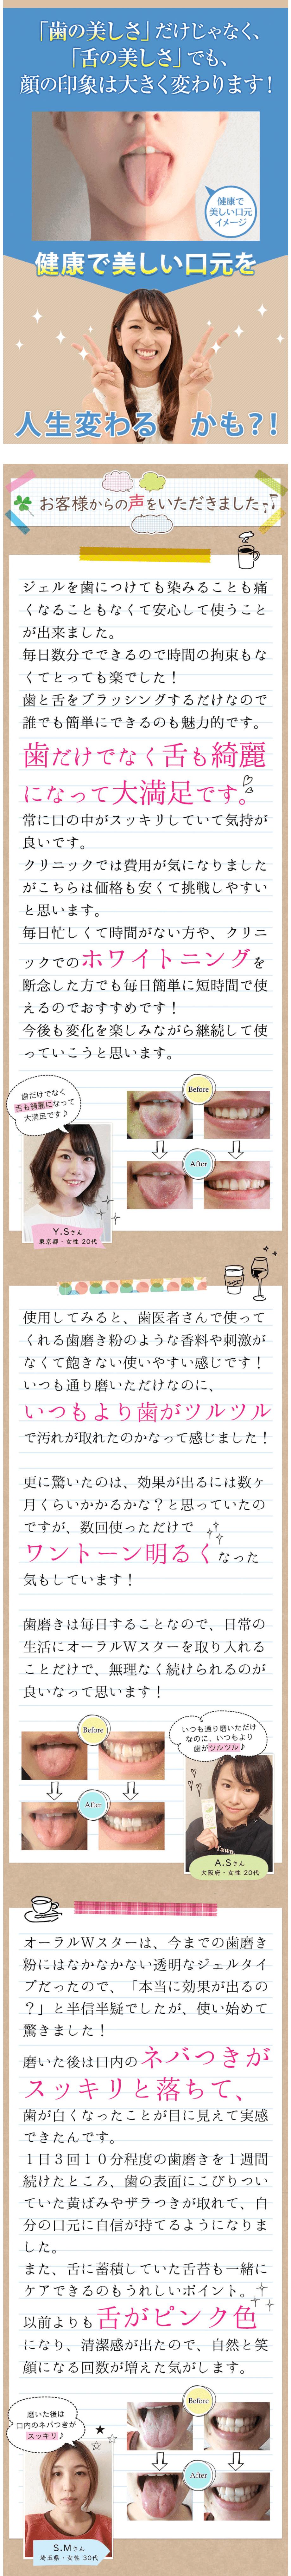 歯の美しさだけじゃなく、舌の美しさでも顔の印象は大きく変わります!健康で美しい口元を人生変わるかも!?お客様からの声をいただきました